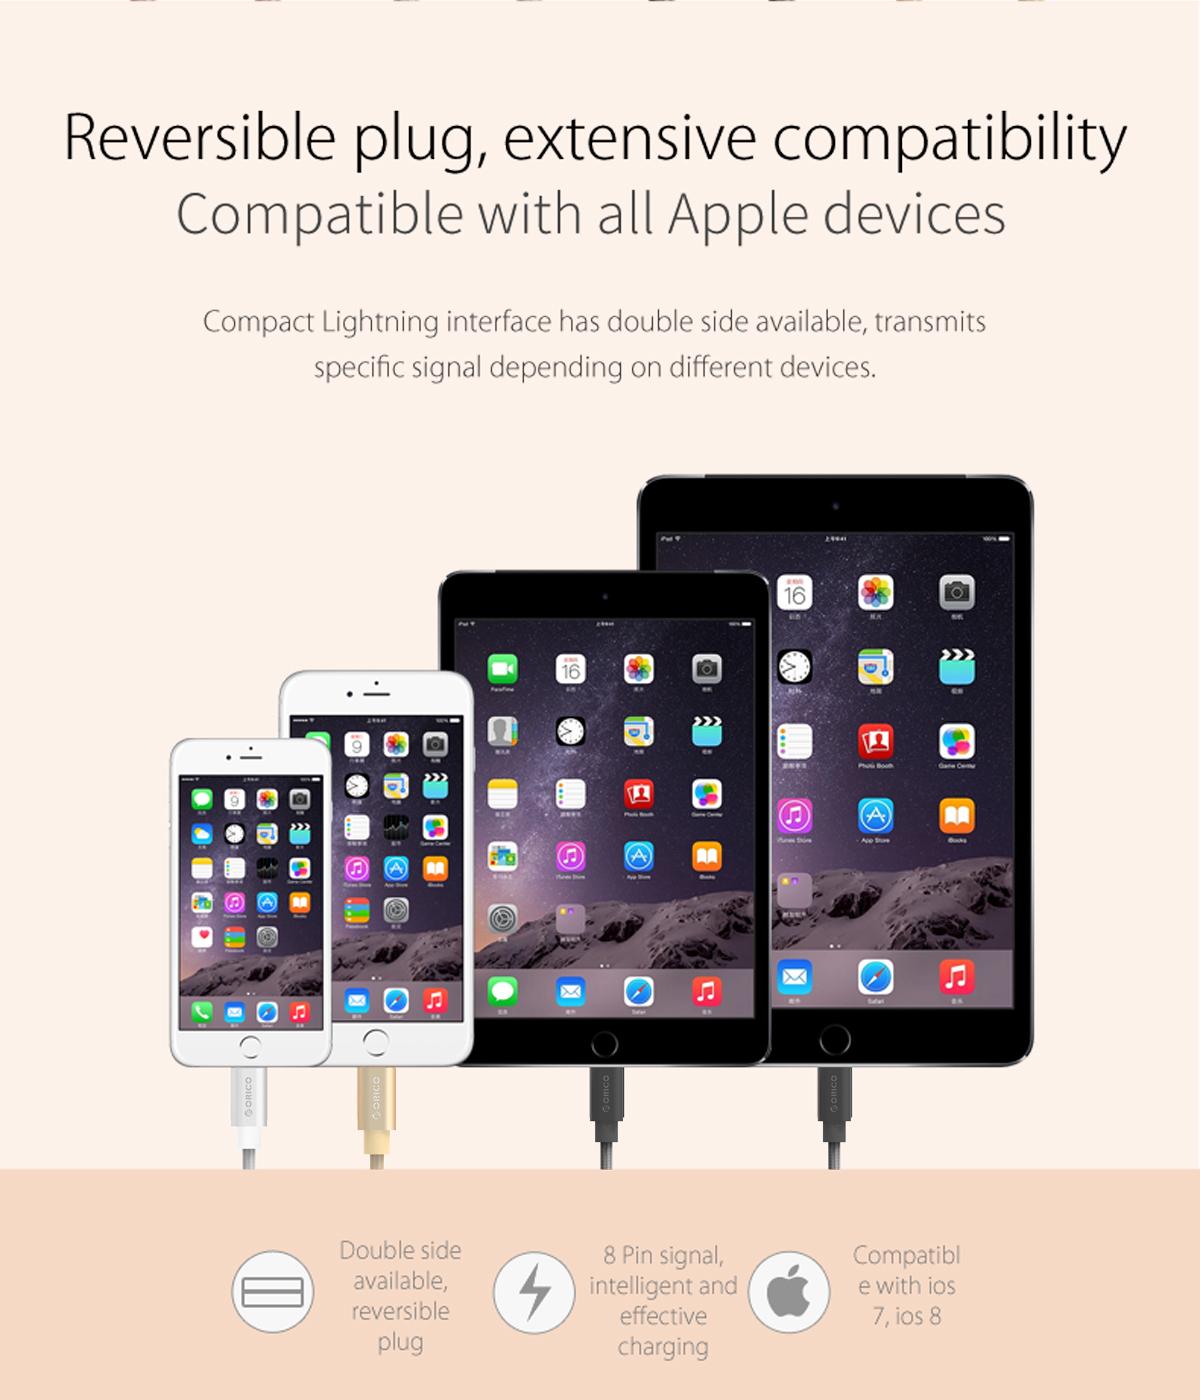 สายไนล่อนถัก iPhone (ยาวพิเศษ2เมตร) Orico Aluminium Shield รองรับไฟสูงสุด 3A Syncข้อมูลได้ (สีดำ)